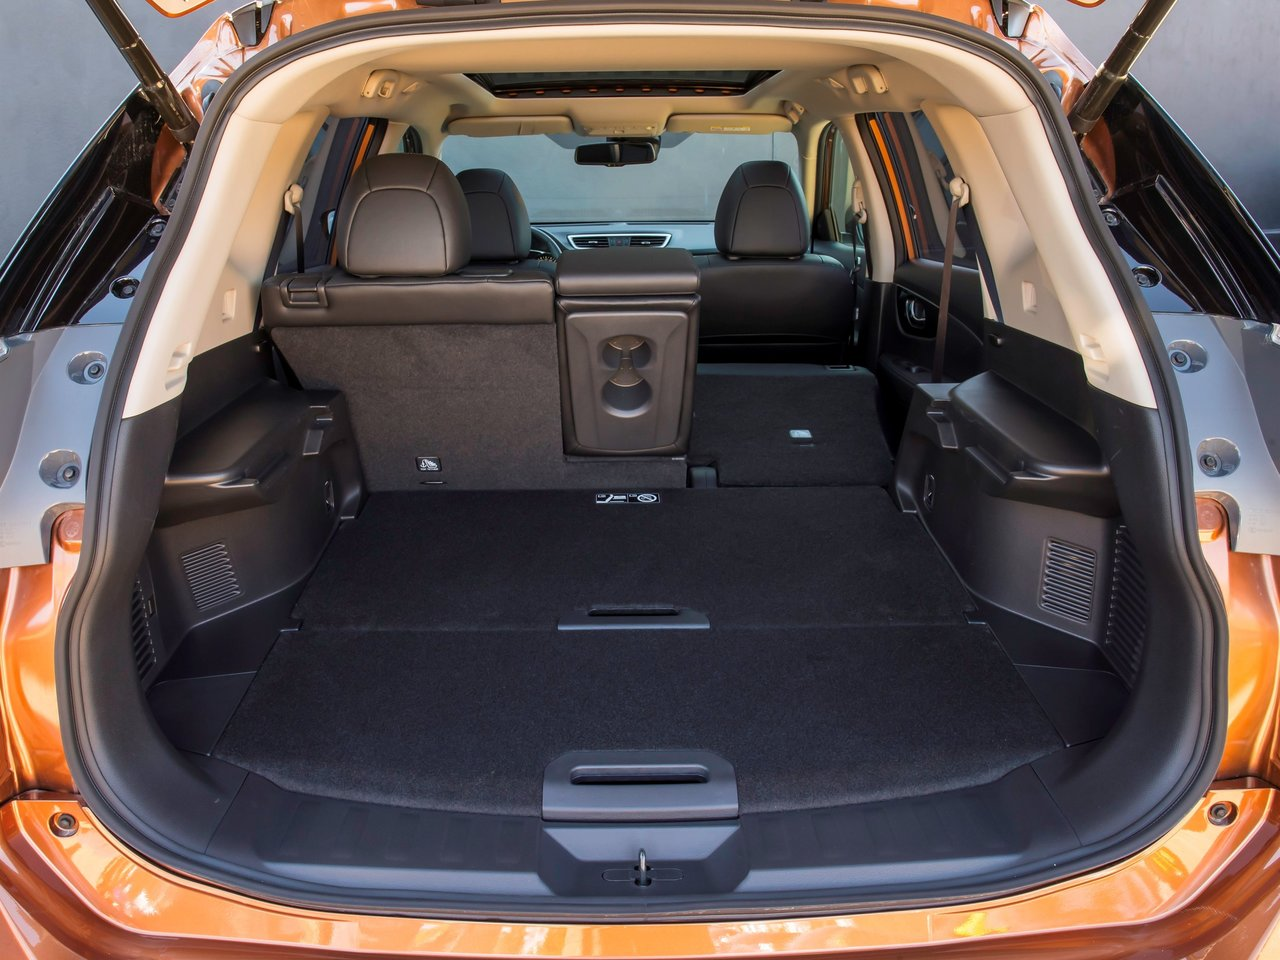 Багажник Ниссан Х-трейл 2018 года